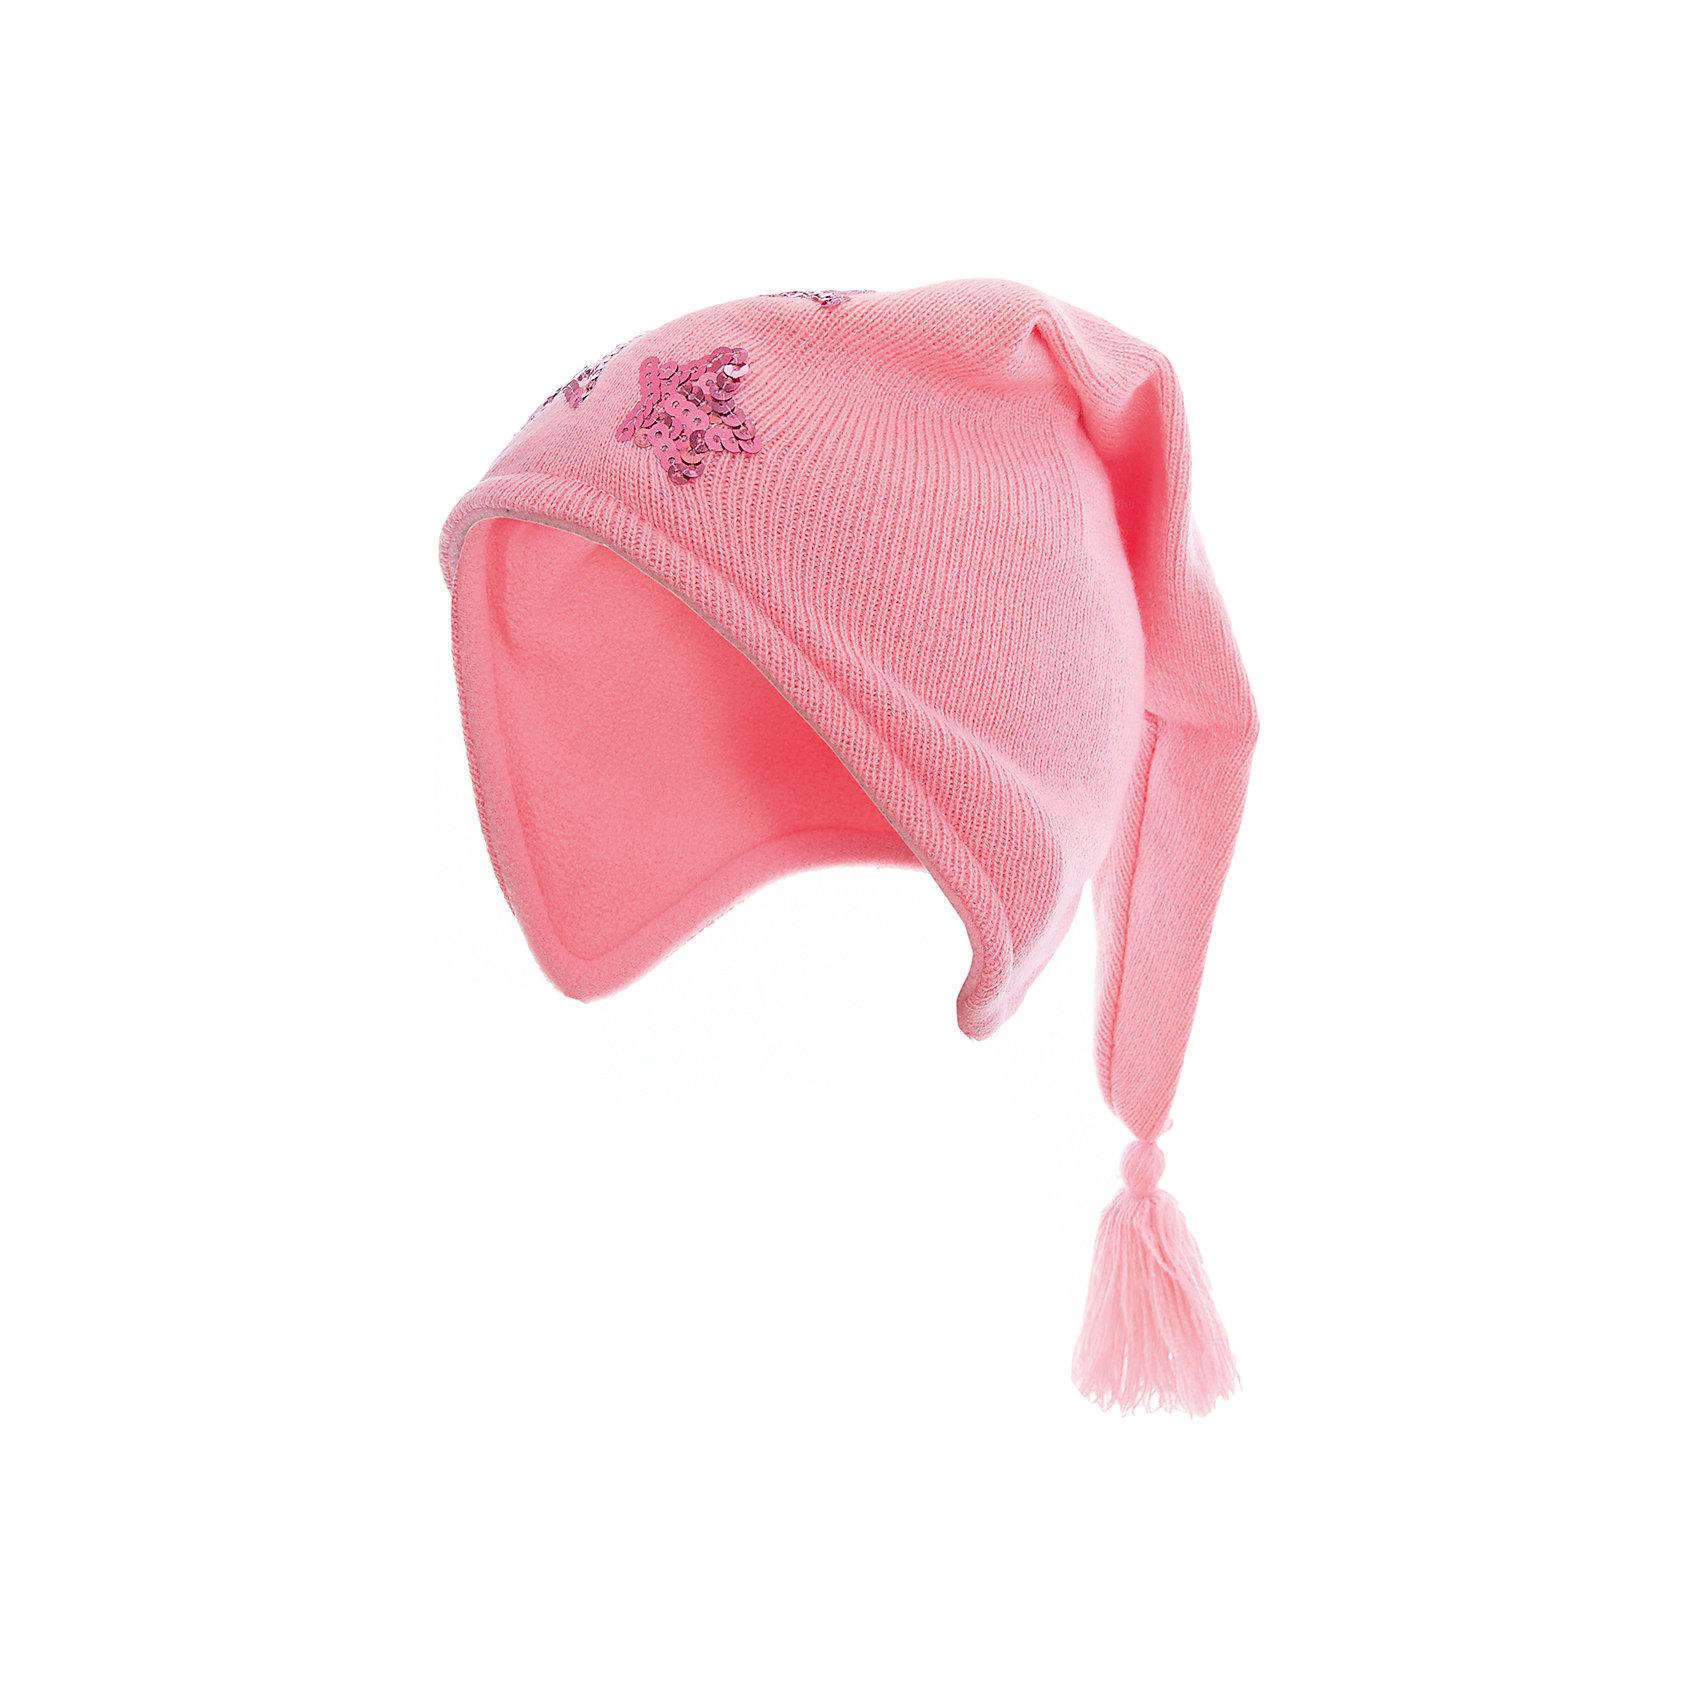 Шапка для девочки PlayTodayГоловные уборы<br>Шапка для девочки PlayToday<br>Шапка гномика для девочки из трикотажа с эффектной кисточкой подойдет Вашему ребенку для прогулок в прохладную погоду. Модель на завязках, плотно прилегает к голове, комфортна при носке.Преимущества: На завязках, плотно прилегает к головеКомфортна при носке<br>Состав:<br>Верх: 100% акрил,  подкладка: 100% полиэстер<br><br>Ширина мм: 89<br>Глубина мм: 117<br>Высота мм: 44<br>Вес г: 155<br>Цвет: светло-розовый<br>Возраст от месяцев: 6<br>Возраст до месяцев: 9<br>Пол: Женский<br>Возраст: Детский<br>Размер: 46,48<br>SKU: 5408205